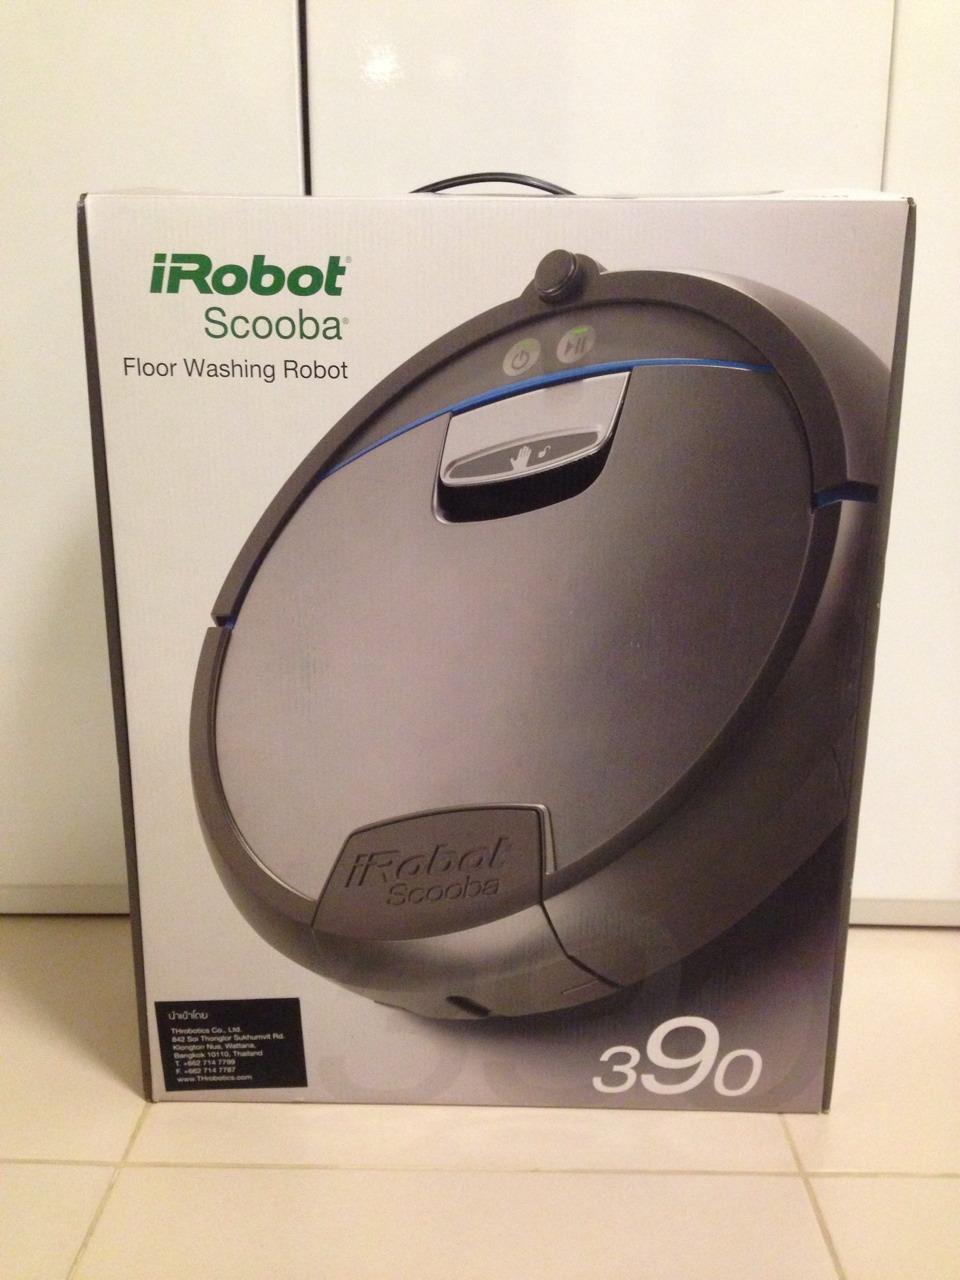 iRobot Scooba 390 Box Front